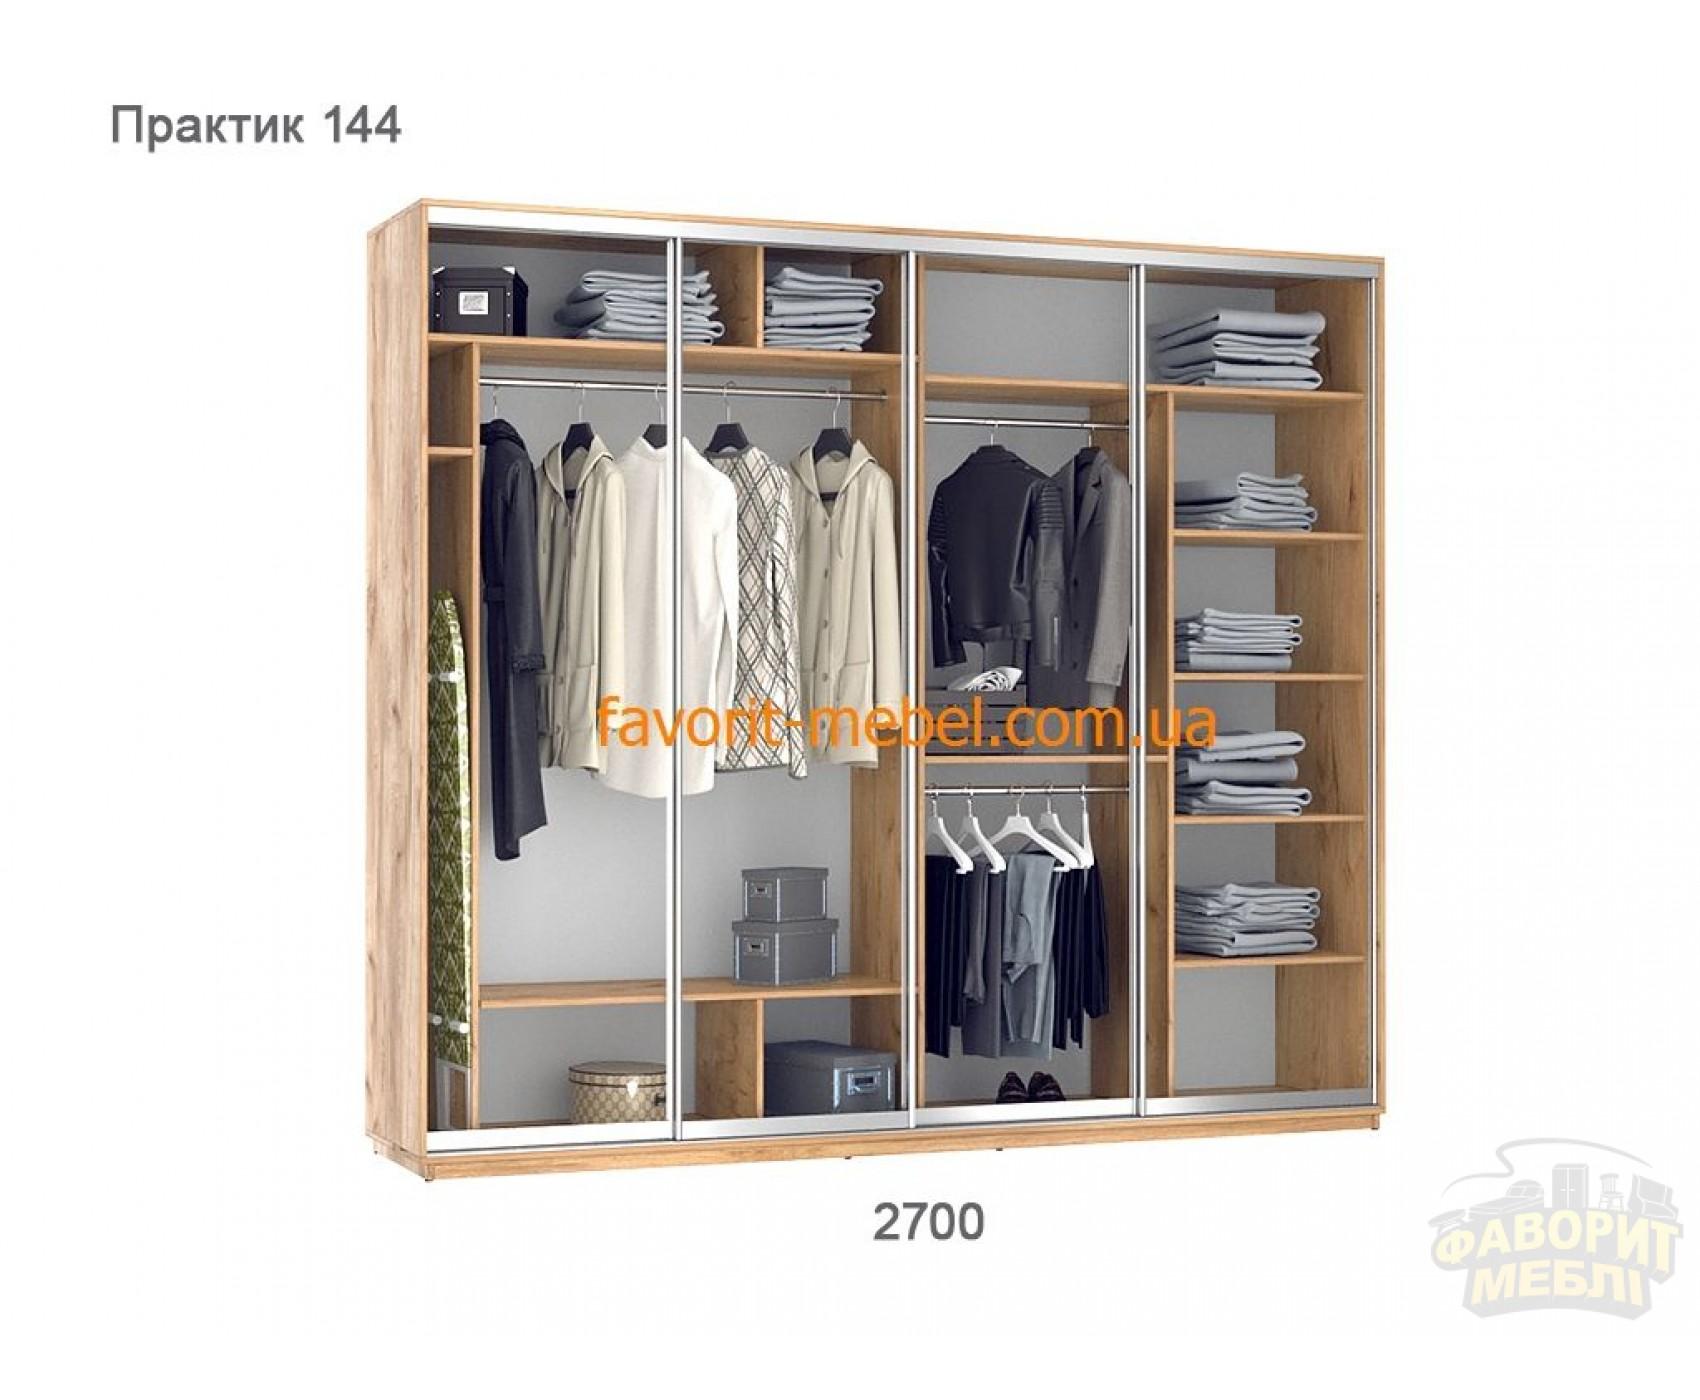 Шкаф купе Практик 144 (270х60х240 см)